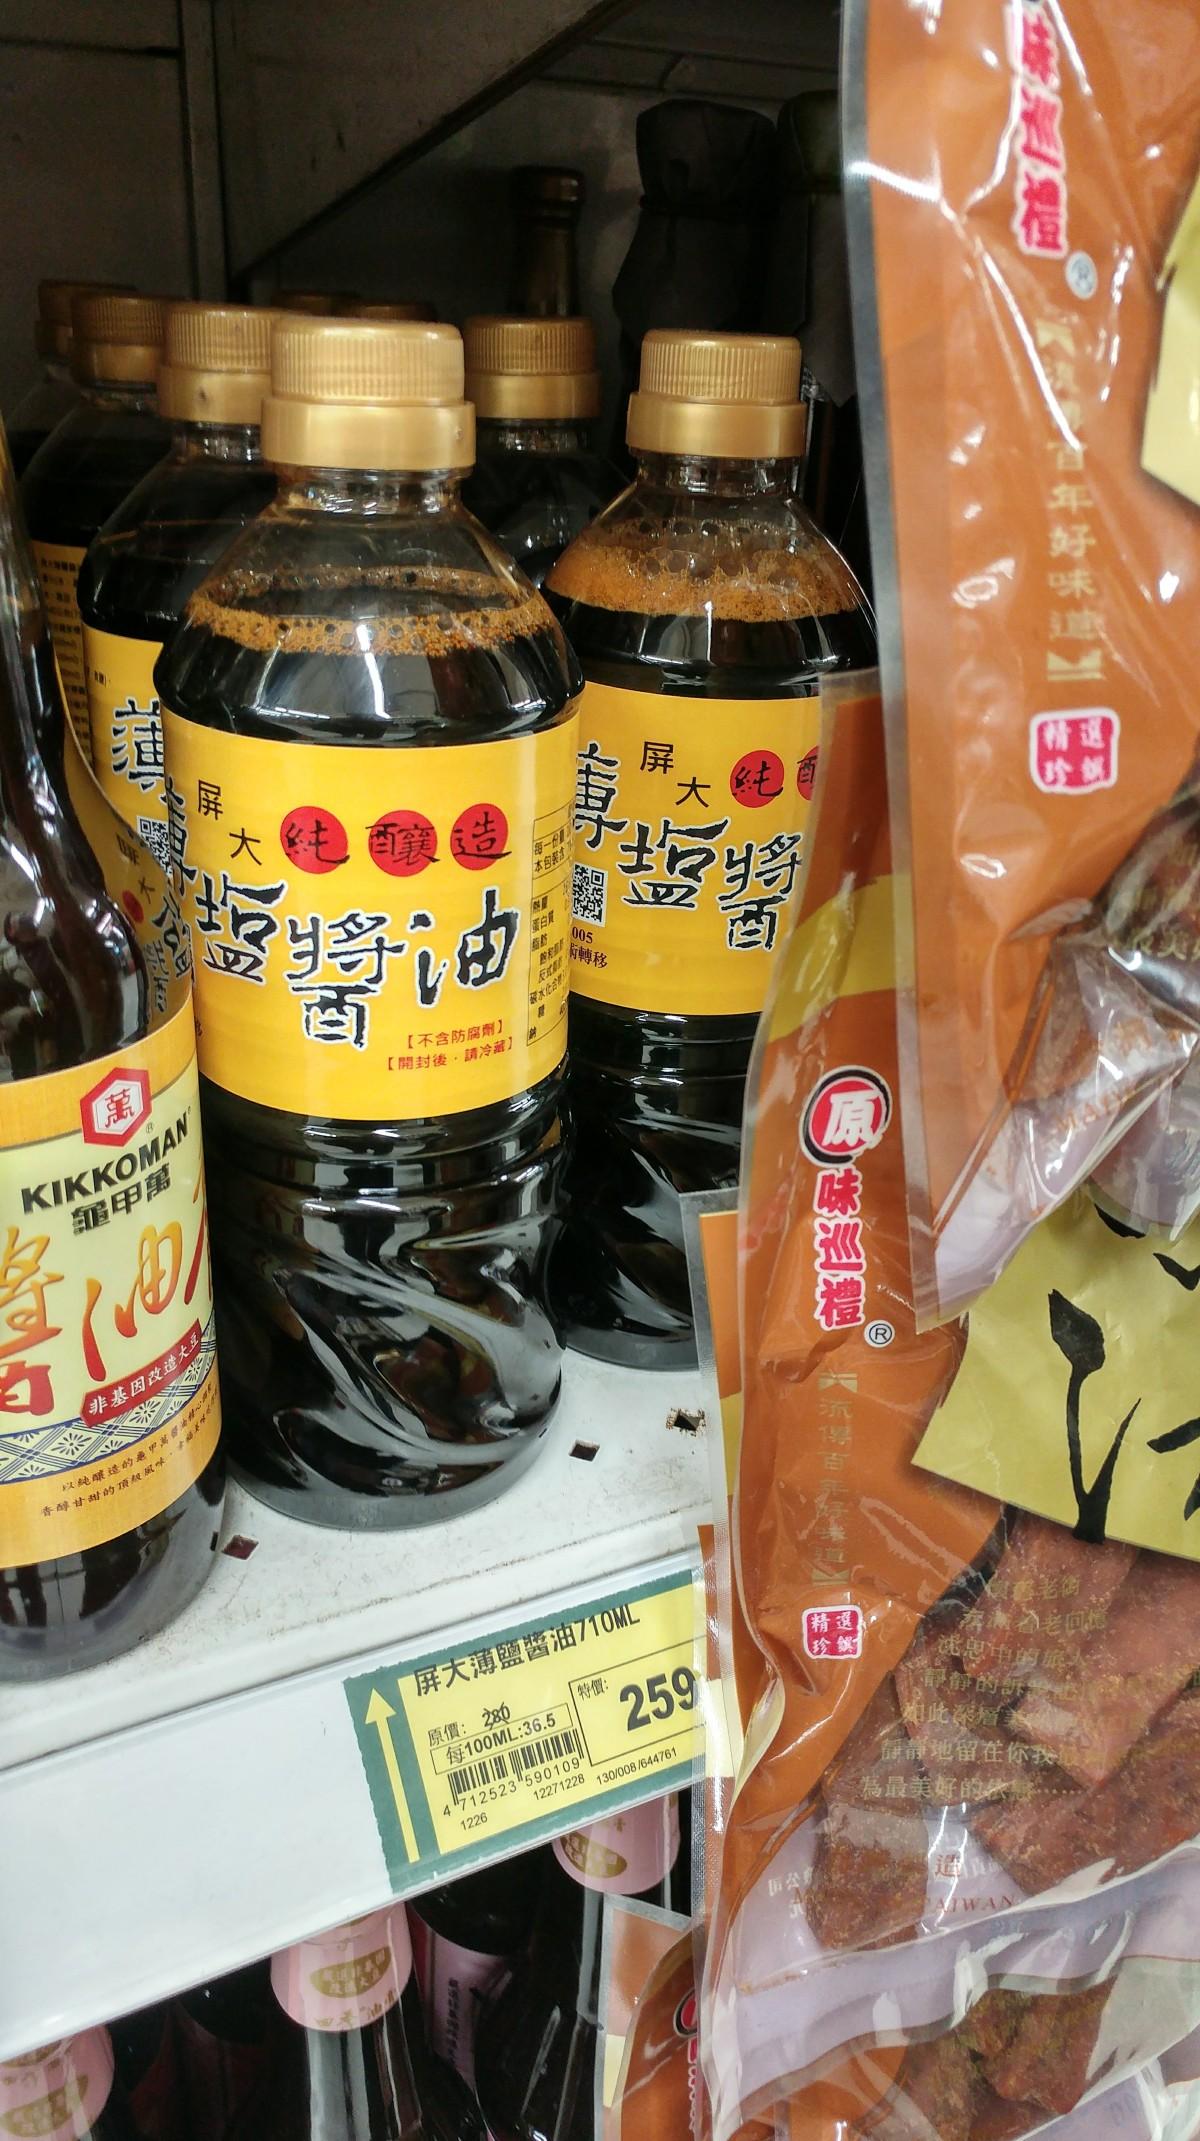 買醬油的個人經歷:來愛買買醬油的地方媽媽-其對於屏大醬油跟黑龍醬油的心得